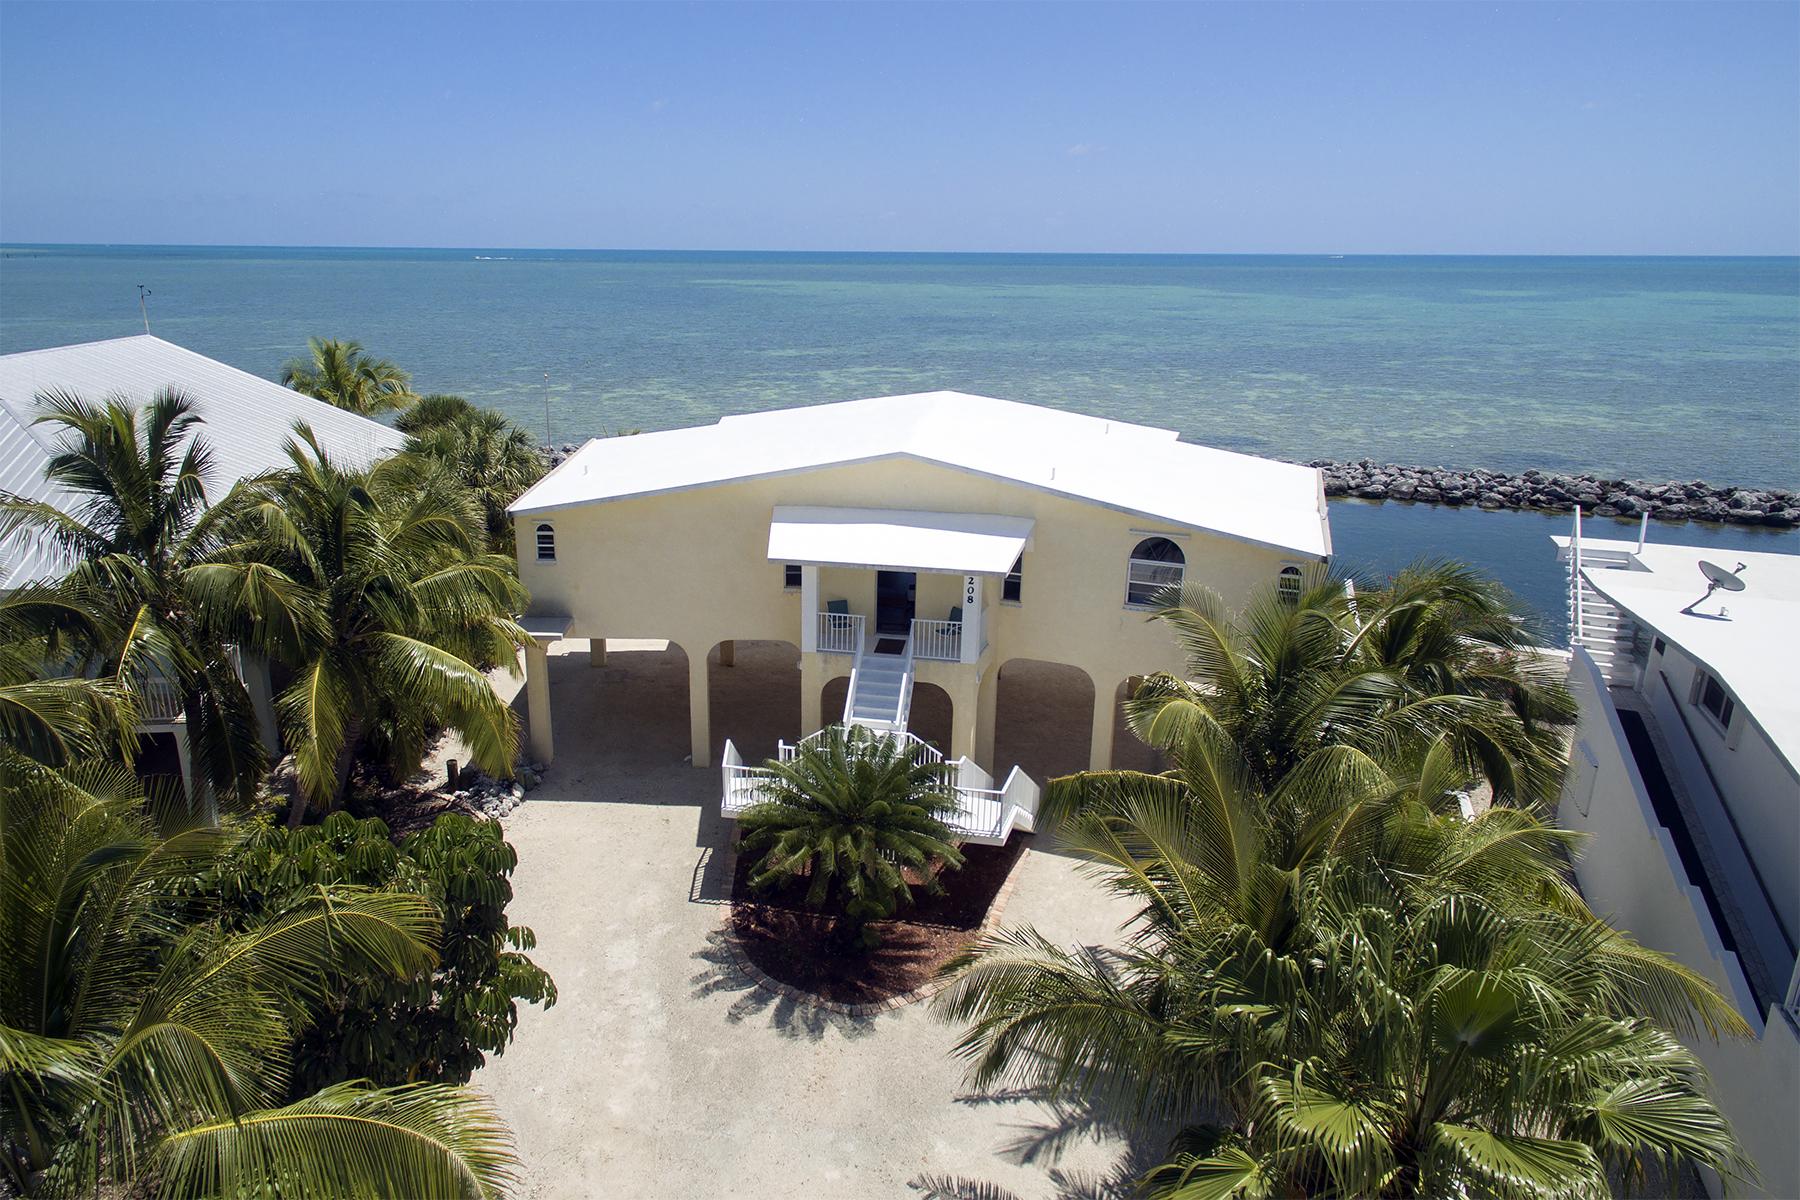 Casa Unifamiliar por un Venta en Sweeping Ocean Views 208 Plantation Shores Drive Florida Keys, Islamorada, Florida, 33070 Estados Unidos